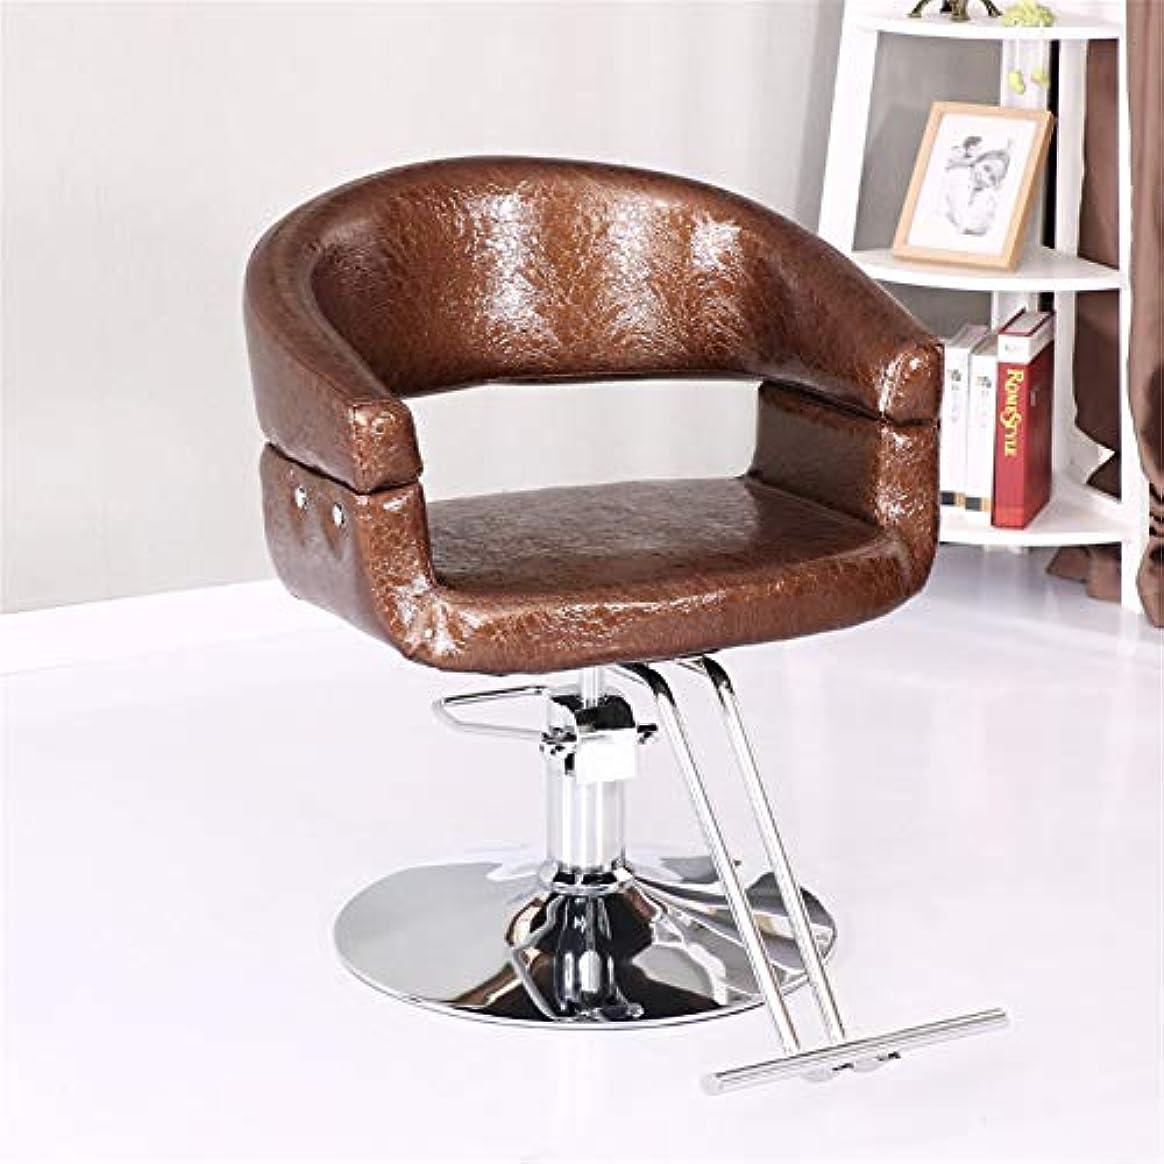 消す新鮮な十分ですSalon Chair Fashion Hydraulic Barber Chair Styling Beauty Salon Equipment Round Base Stable Comfort,Brown,B